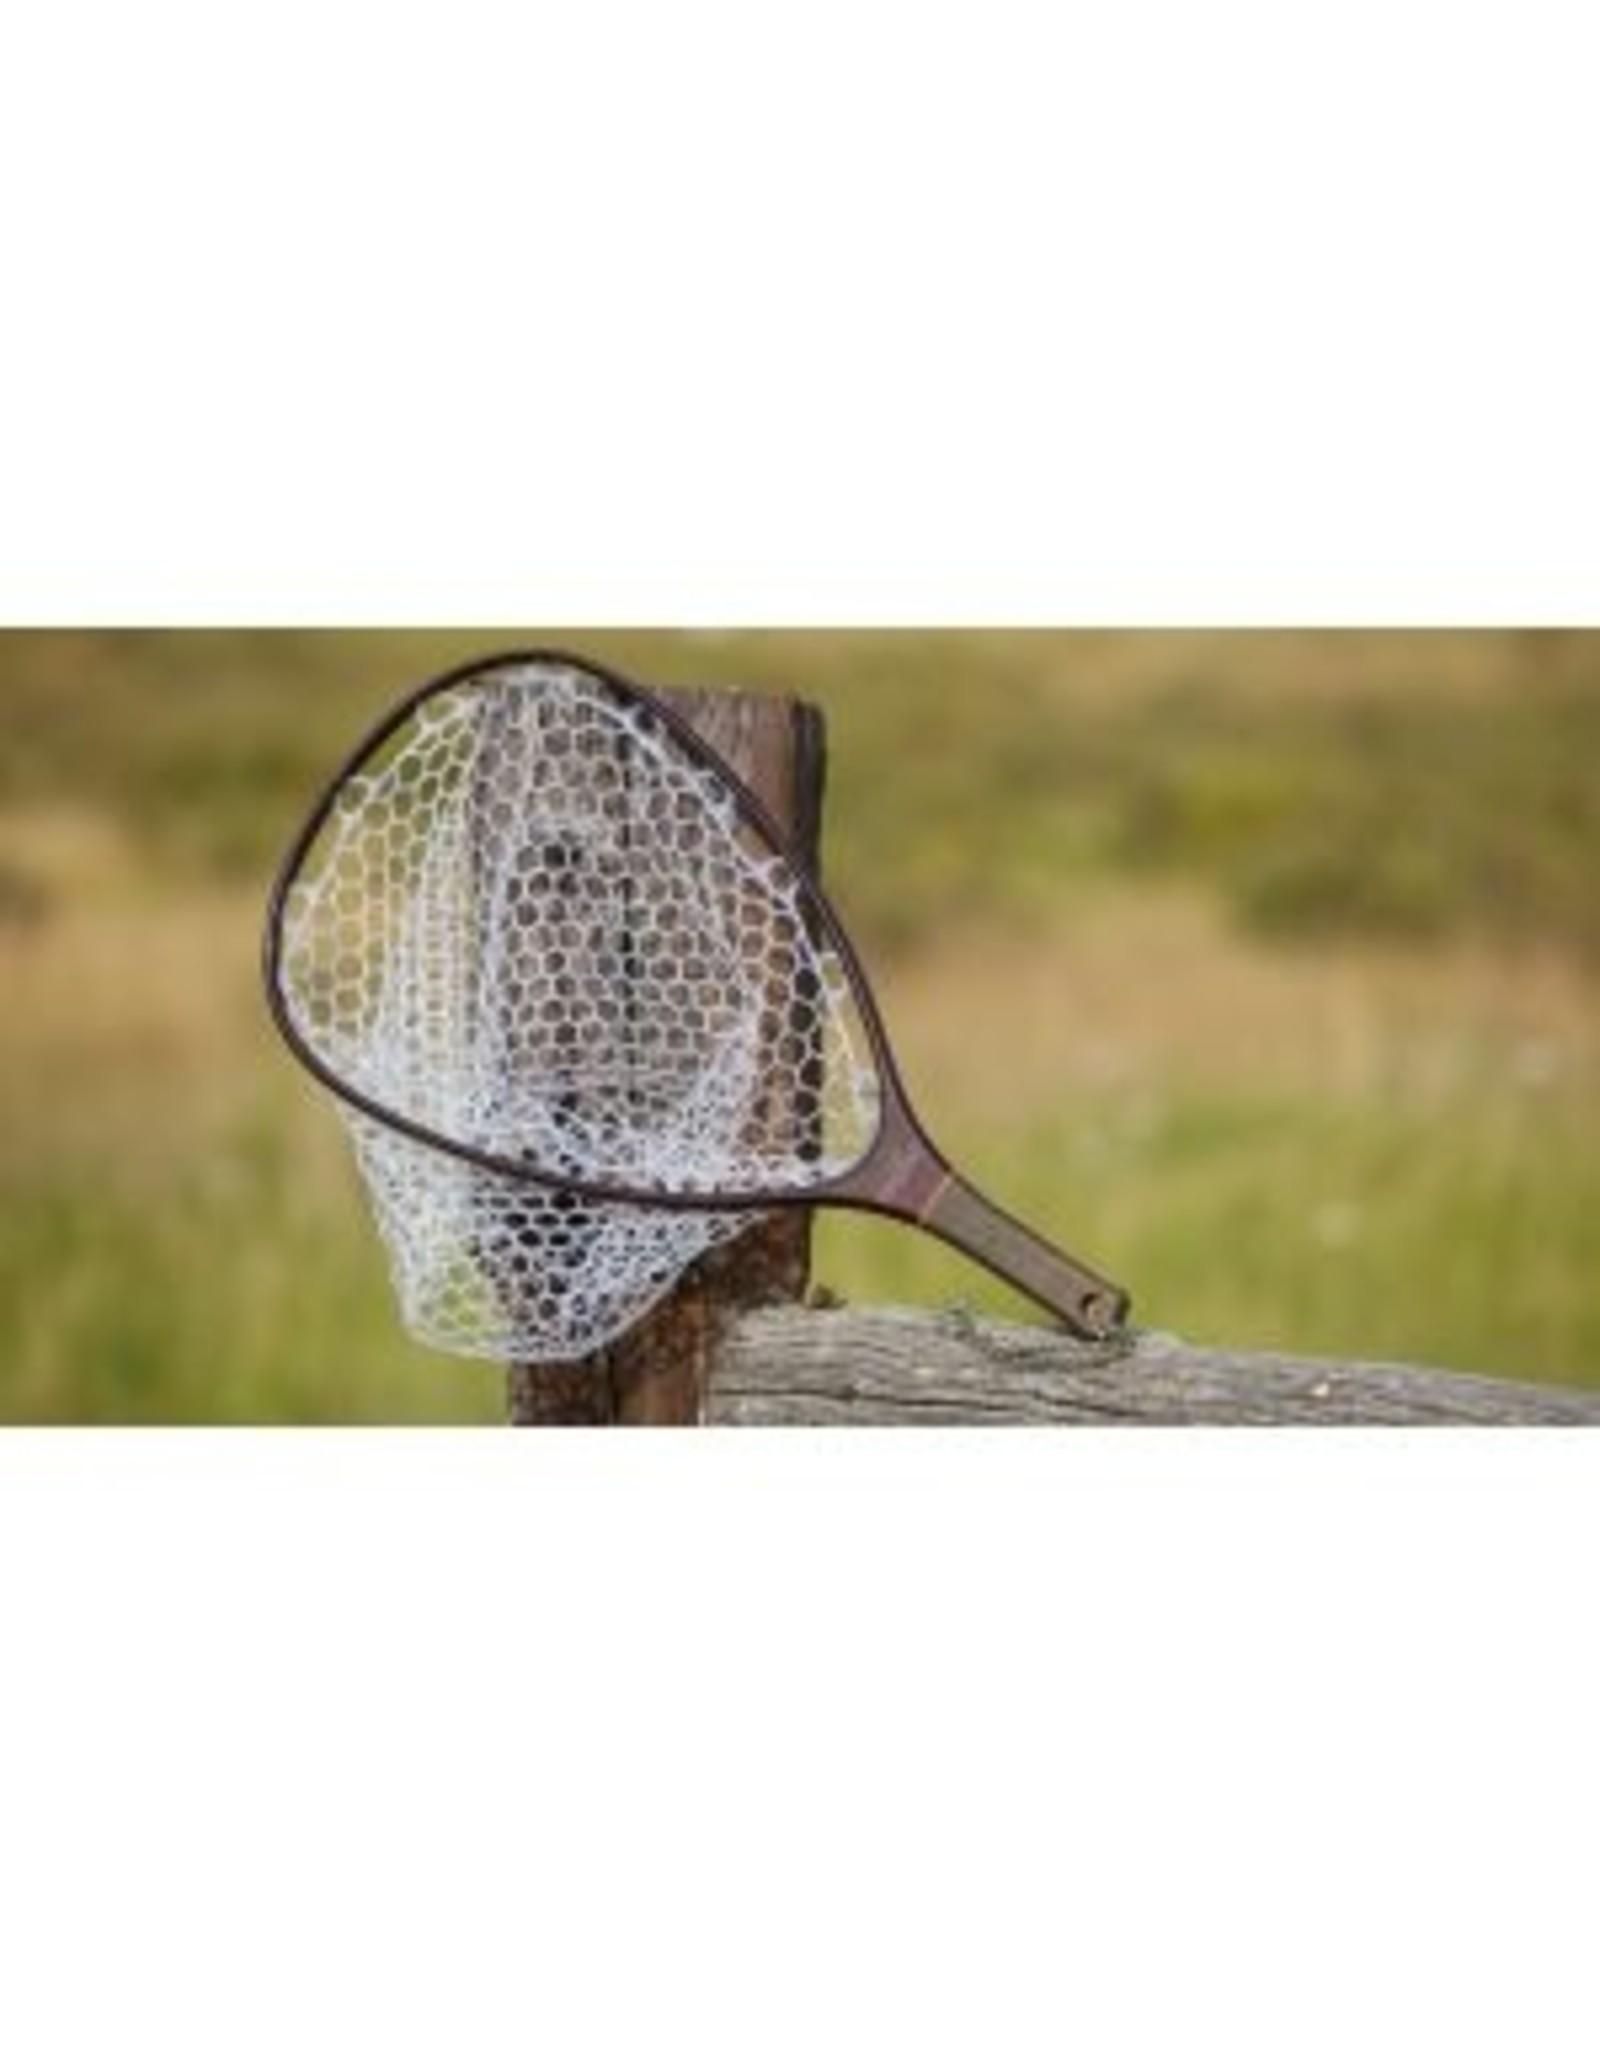 Fishpond Fishpond - Nomad Hand Net